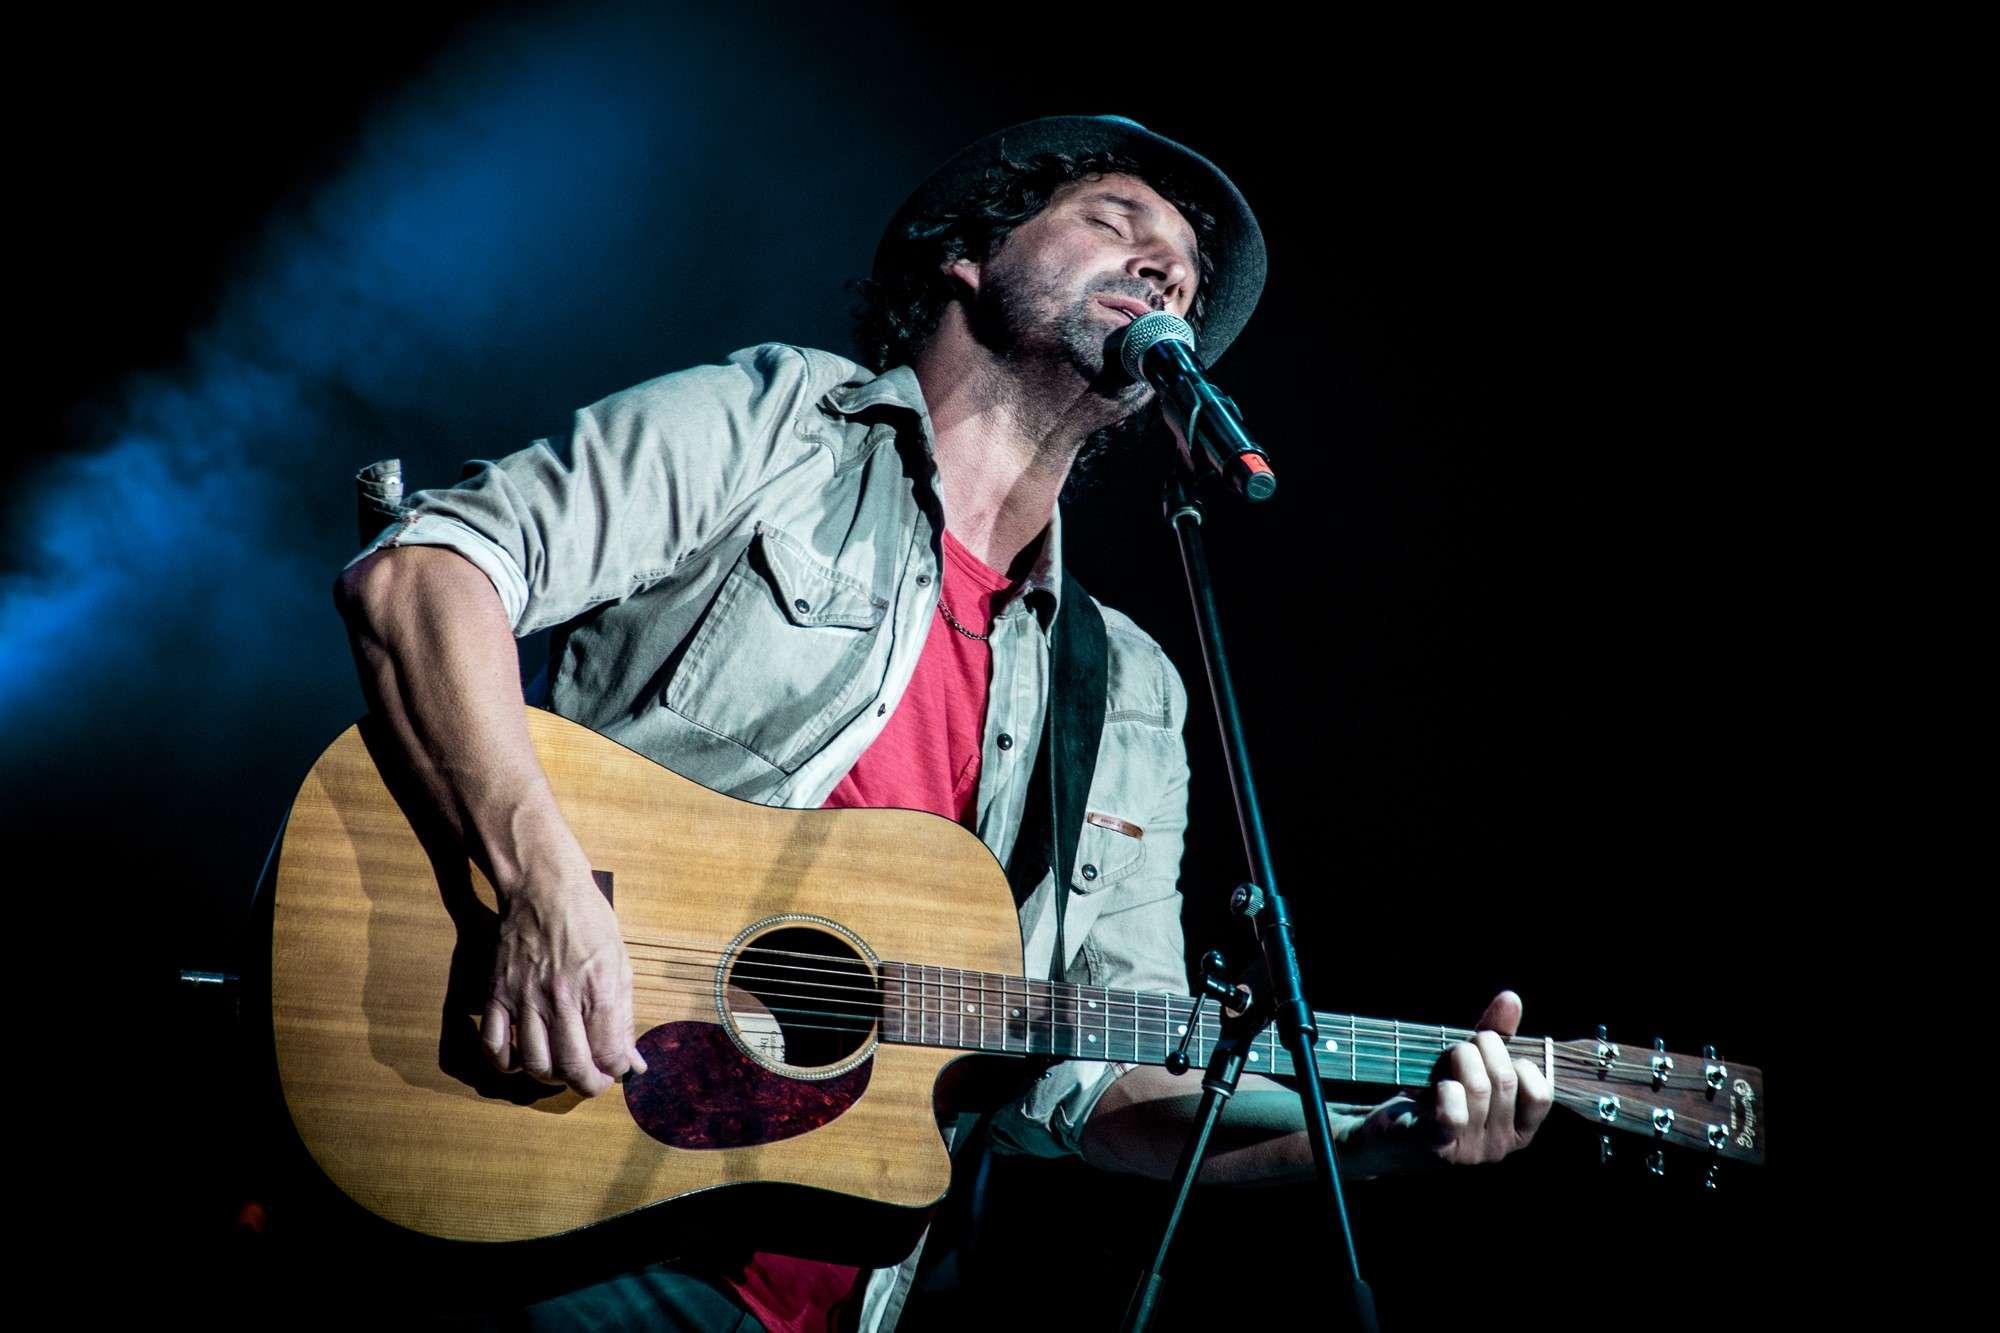 Iván Noble canta para recaudar fondos para un comedor comunitario. Foto: Gentileza prensa Iván Noble/